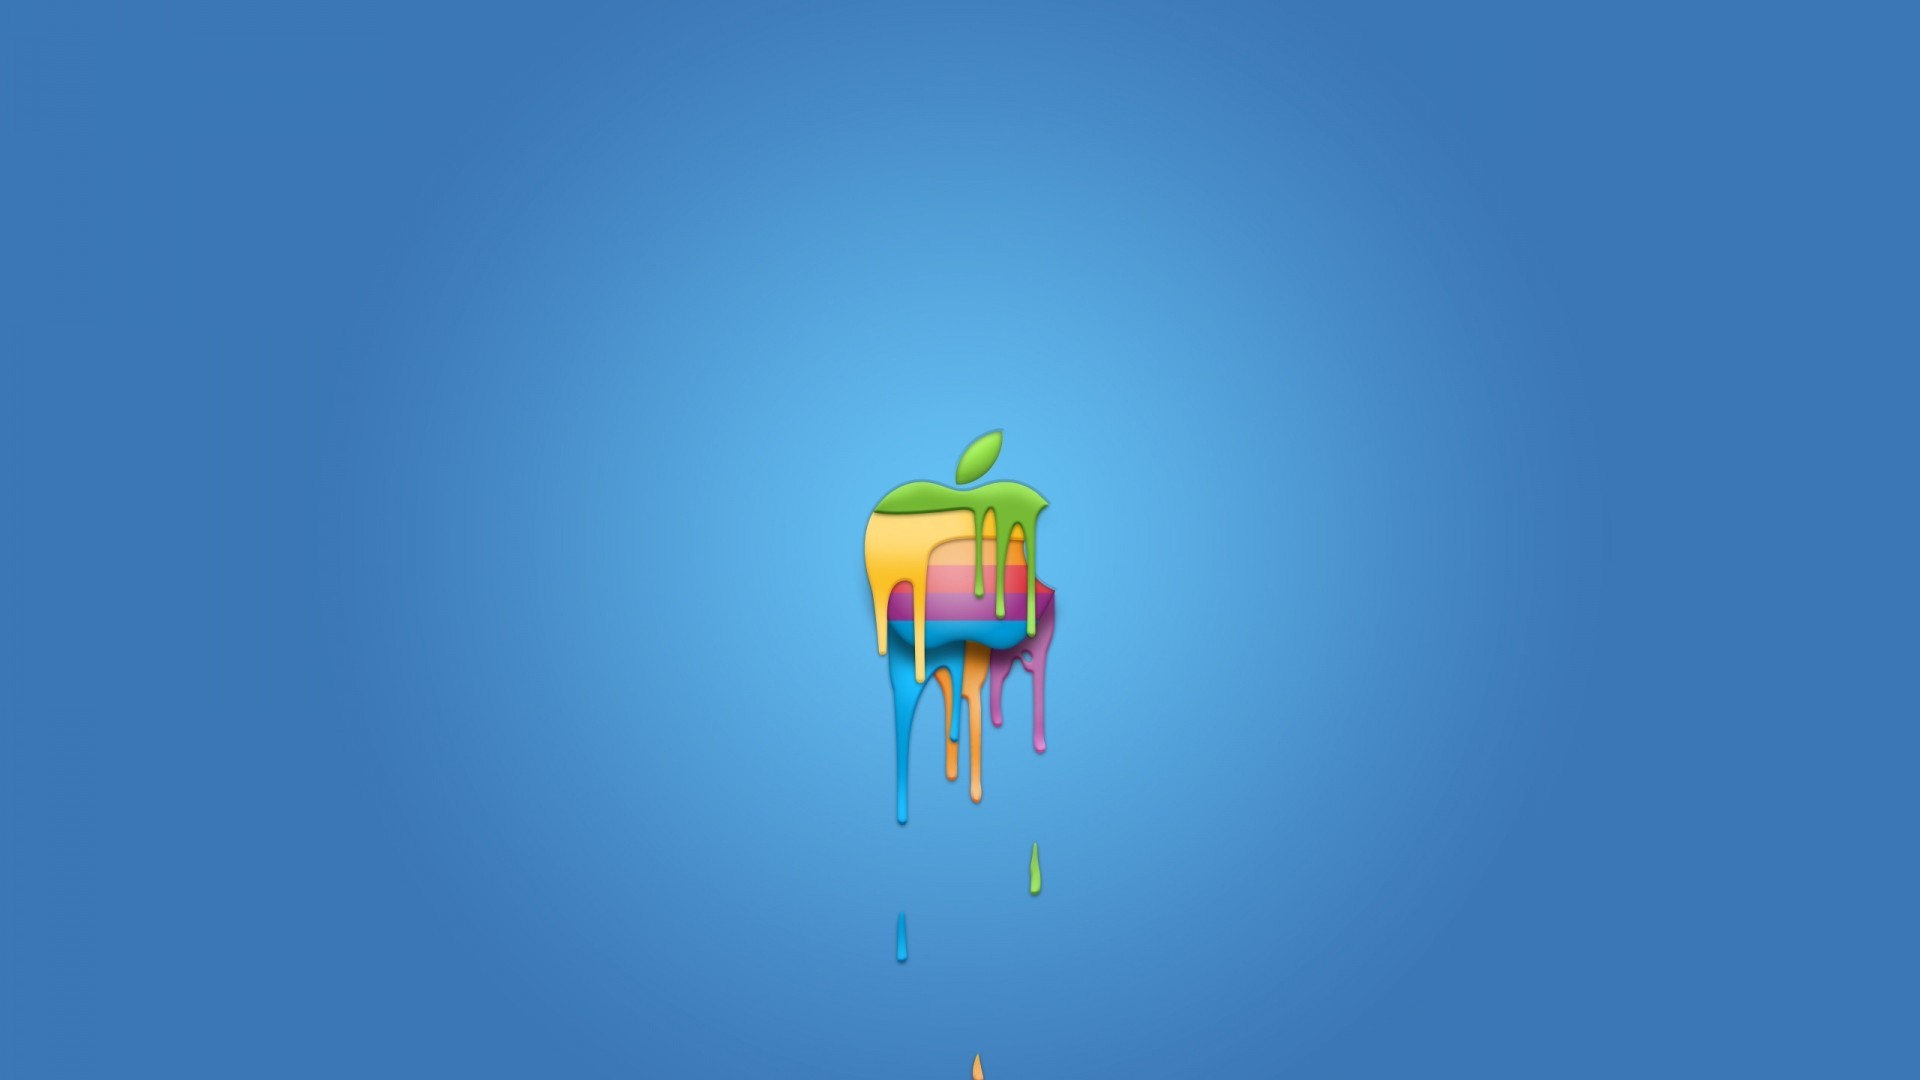 Sfondi arcobaleno 73 immagini for Immagini hd apple